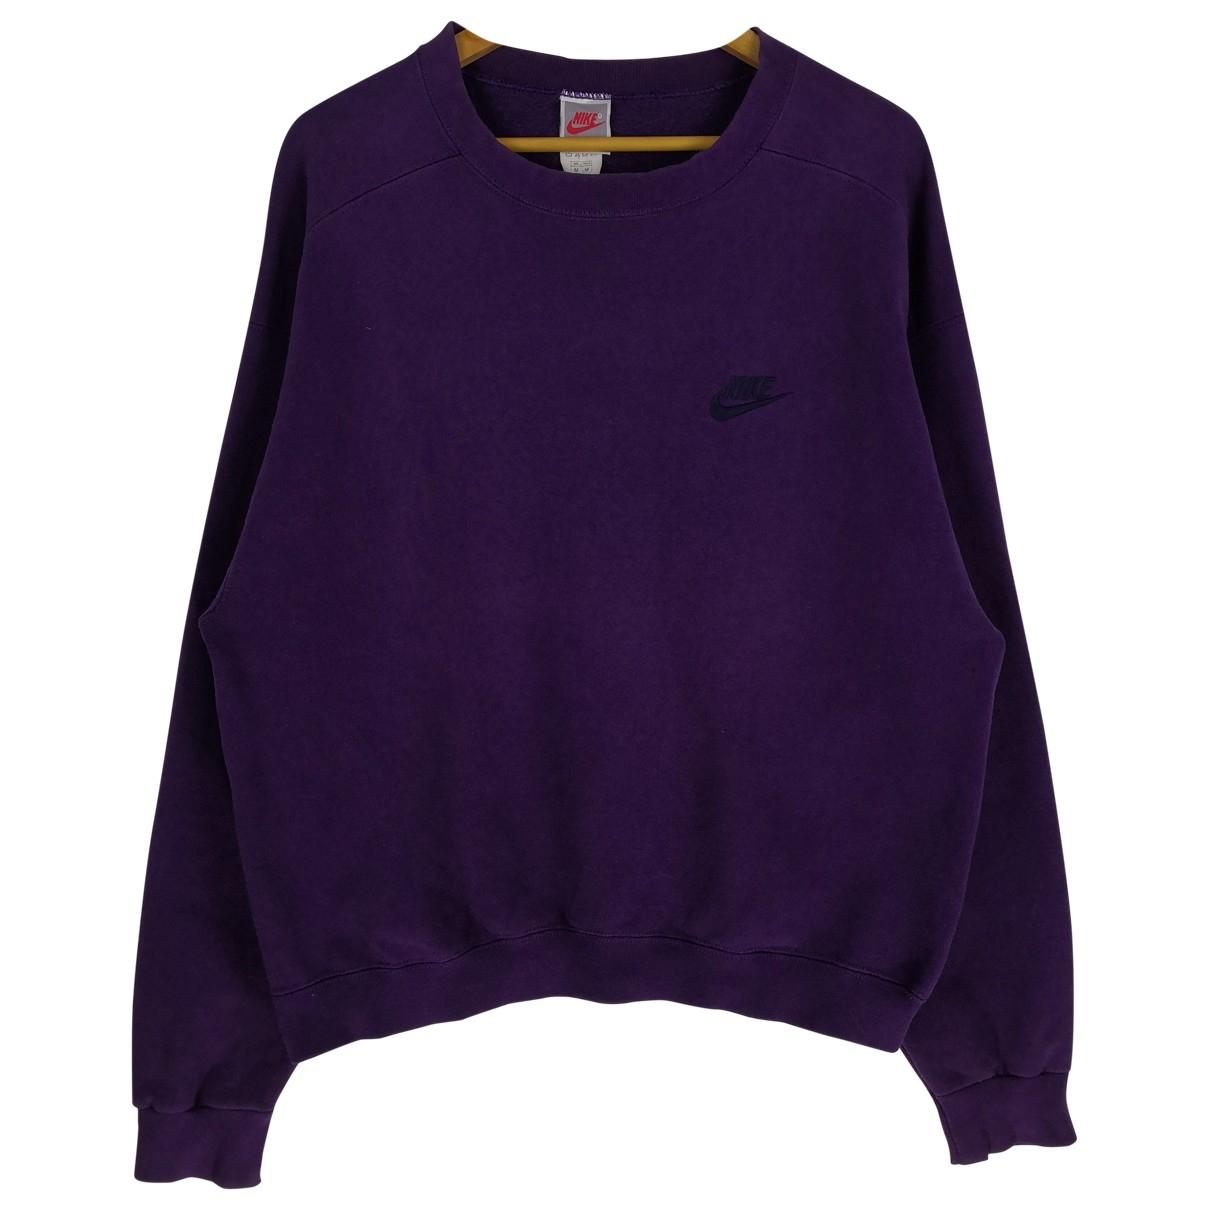 Nike \N Purple Cotton Knitwear & Sweatshirts for Men M International